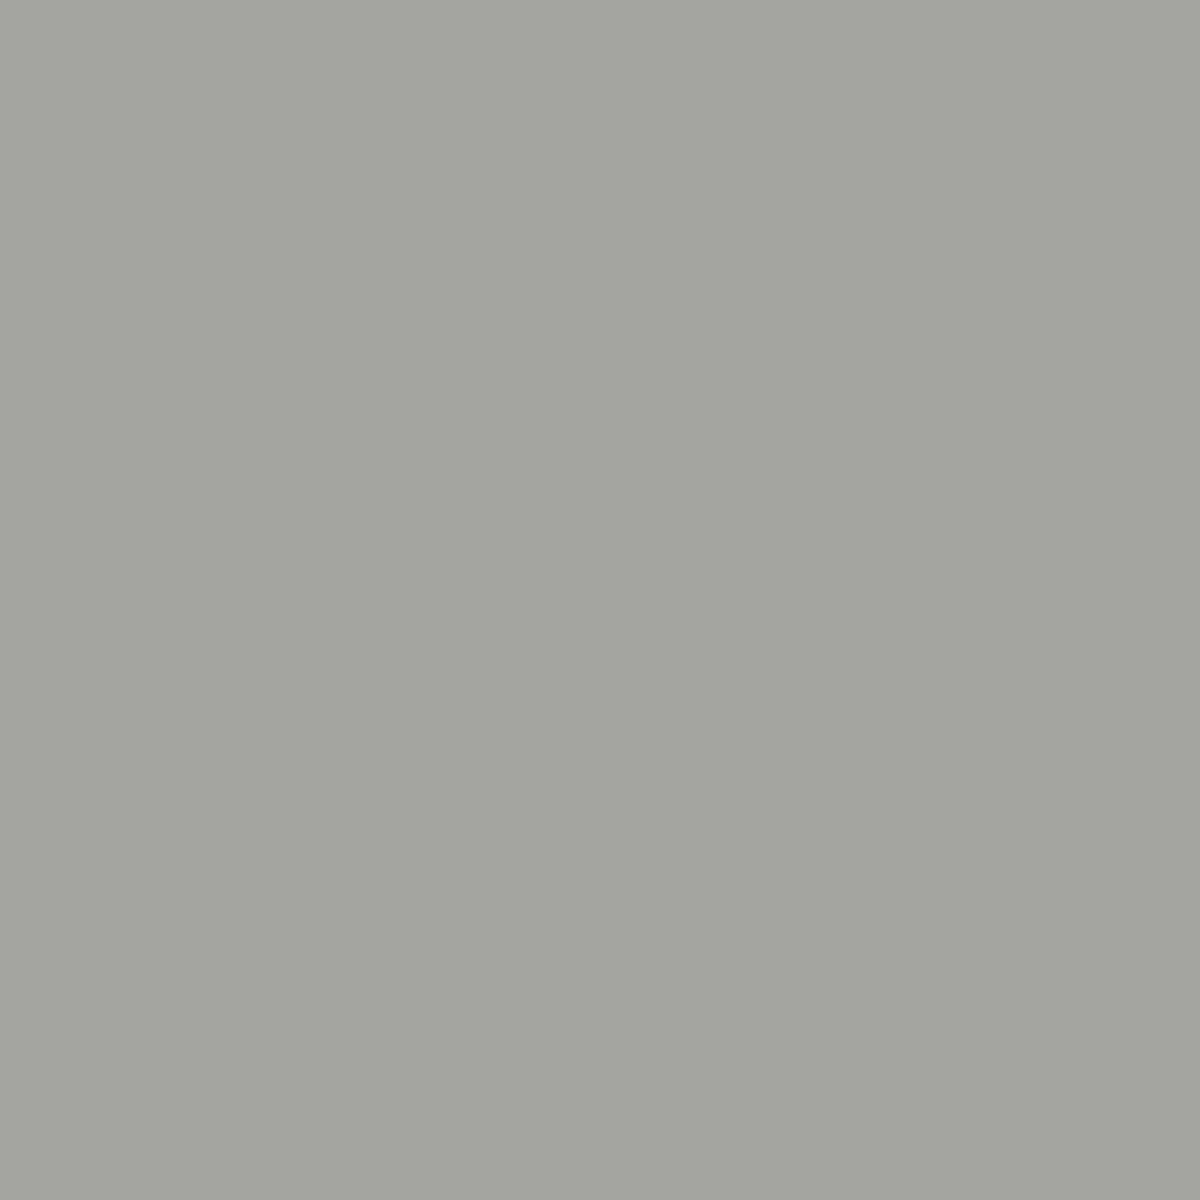 Bild 3 von Baufix Express Deckfarbe dunkelgrau, 2,5 l